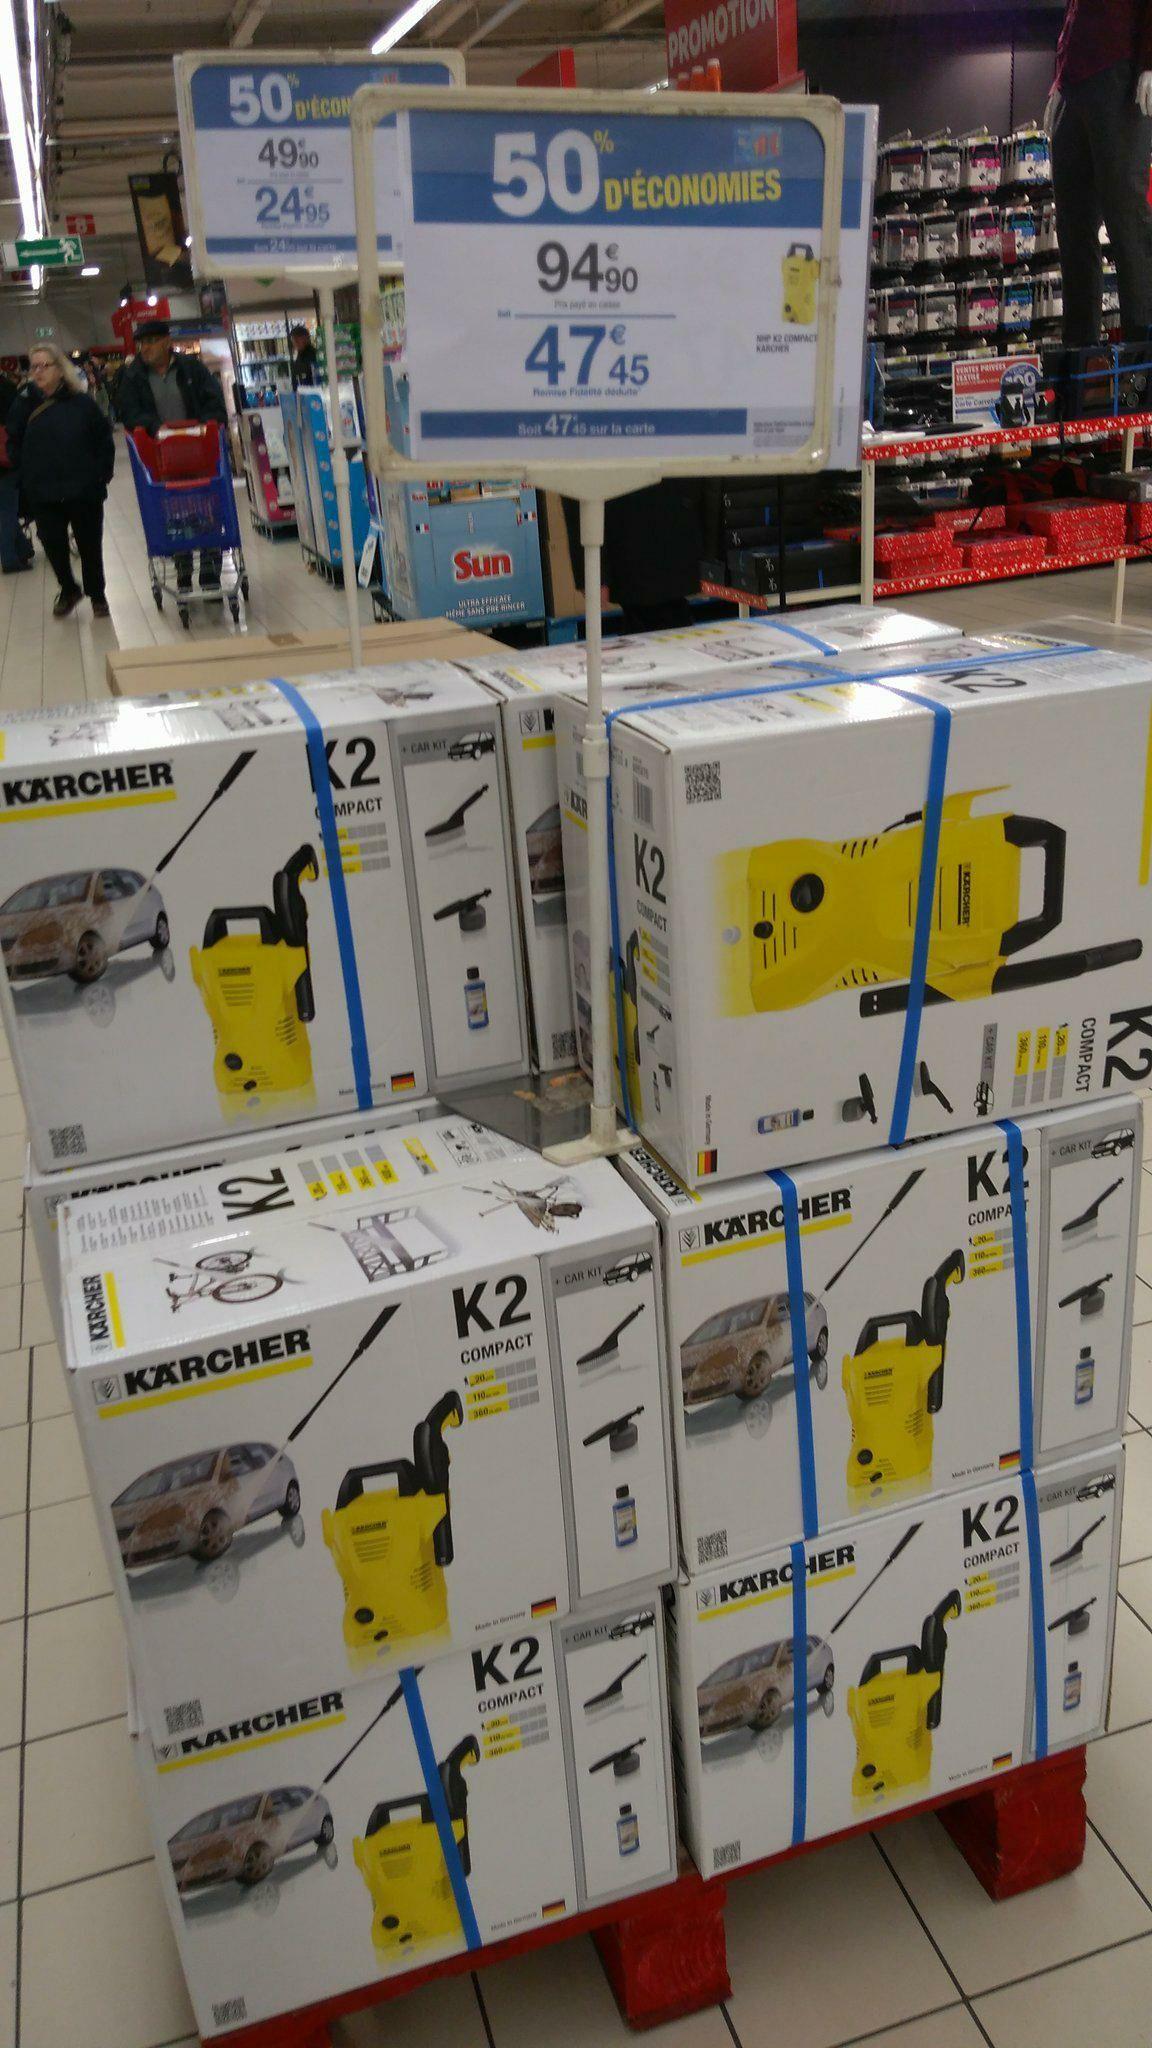 Nettoyeur haute pression karcher compact k2 avec - Carrefour drive bourg en bresse ...